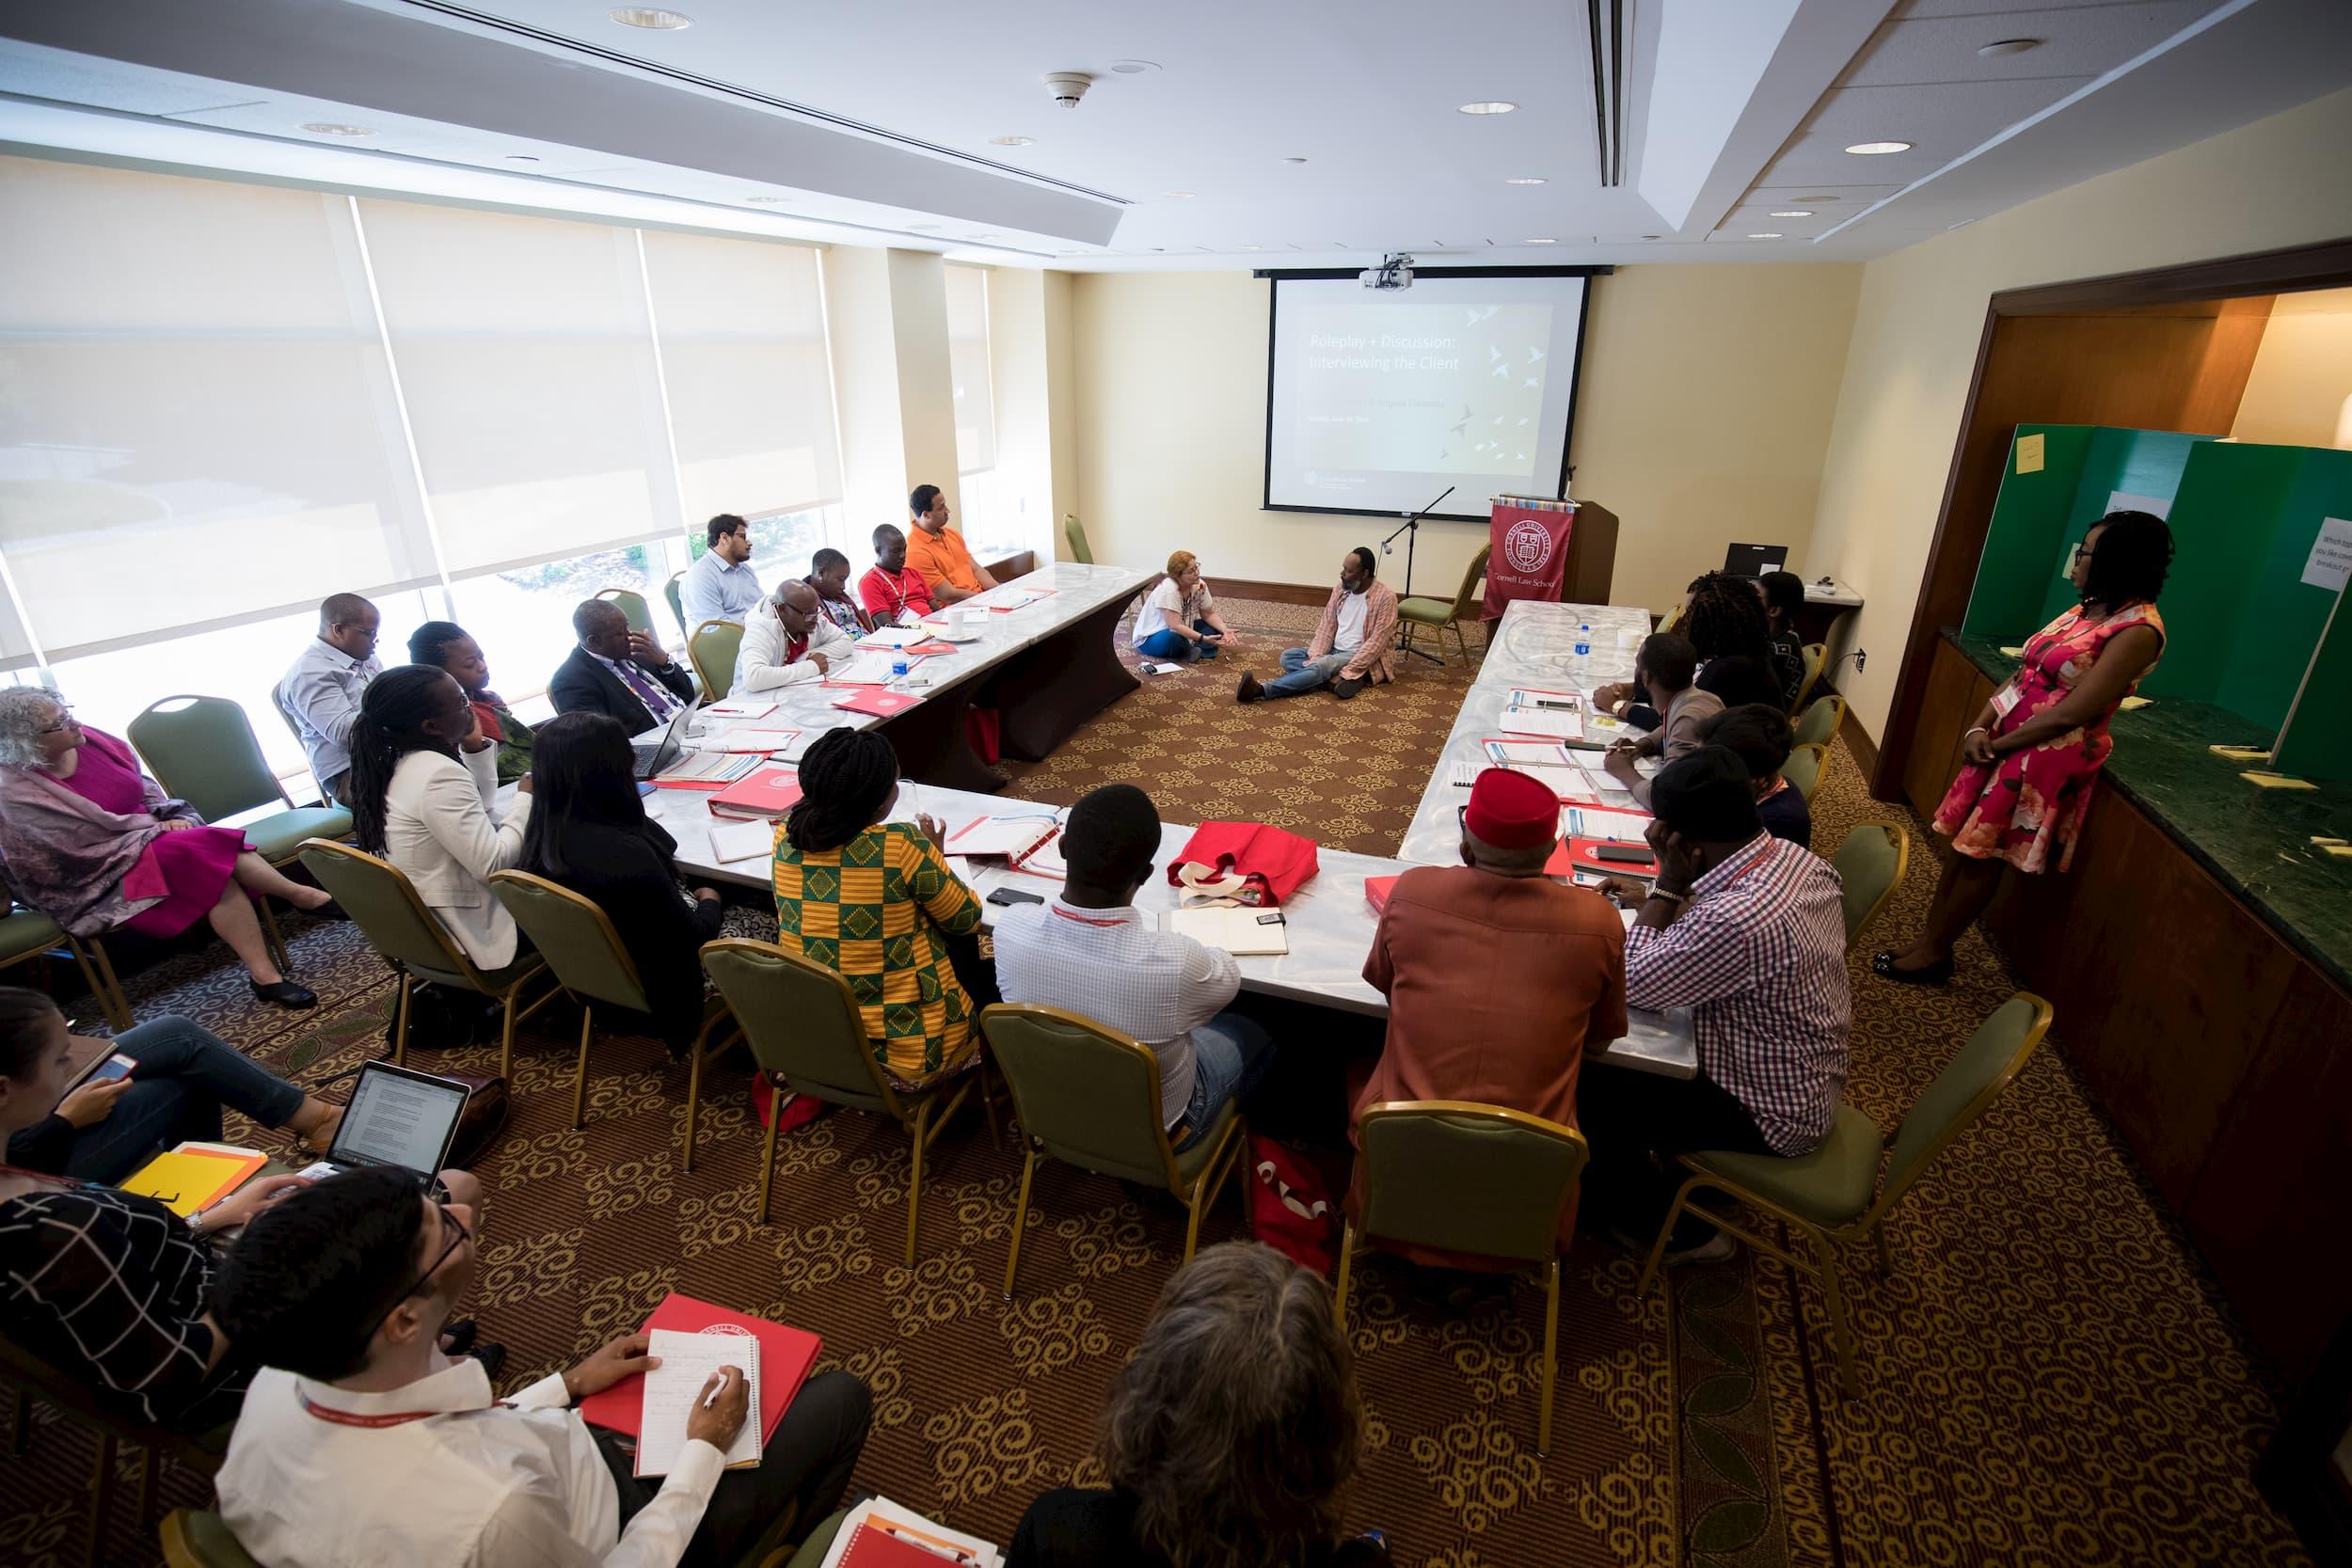 Plusieurs personnes sont assises autour d'une table dans une salle de réunion. Toutes regardent un homme et une femme qui sont assis par terre à l'avant de la salle.